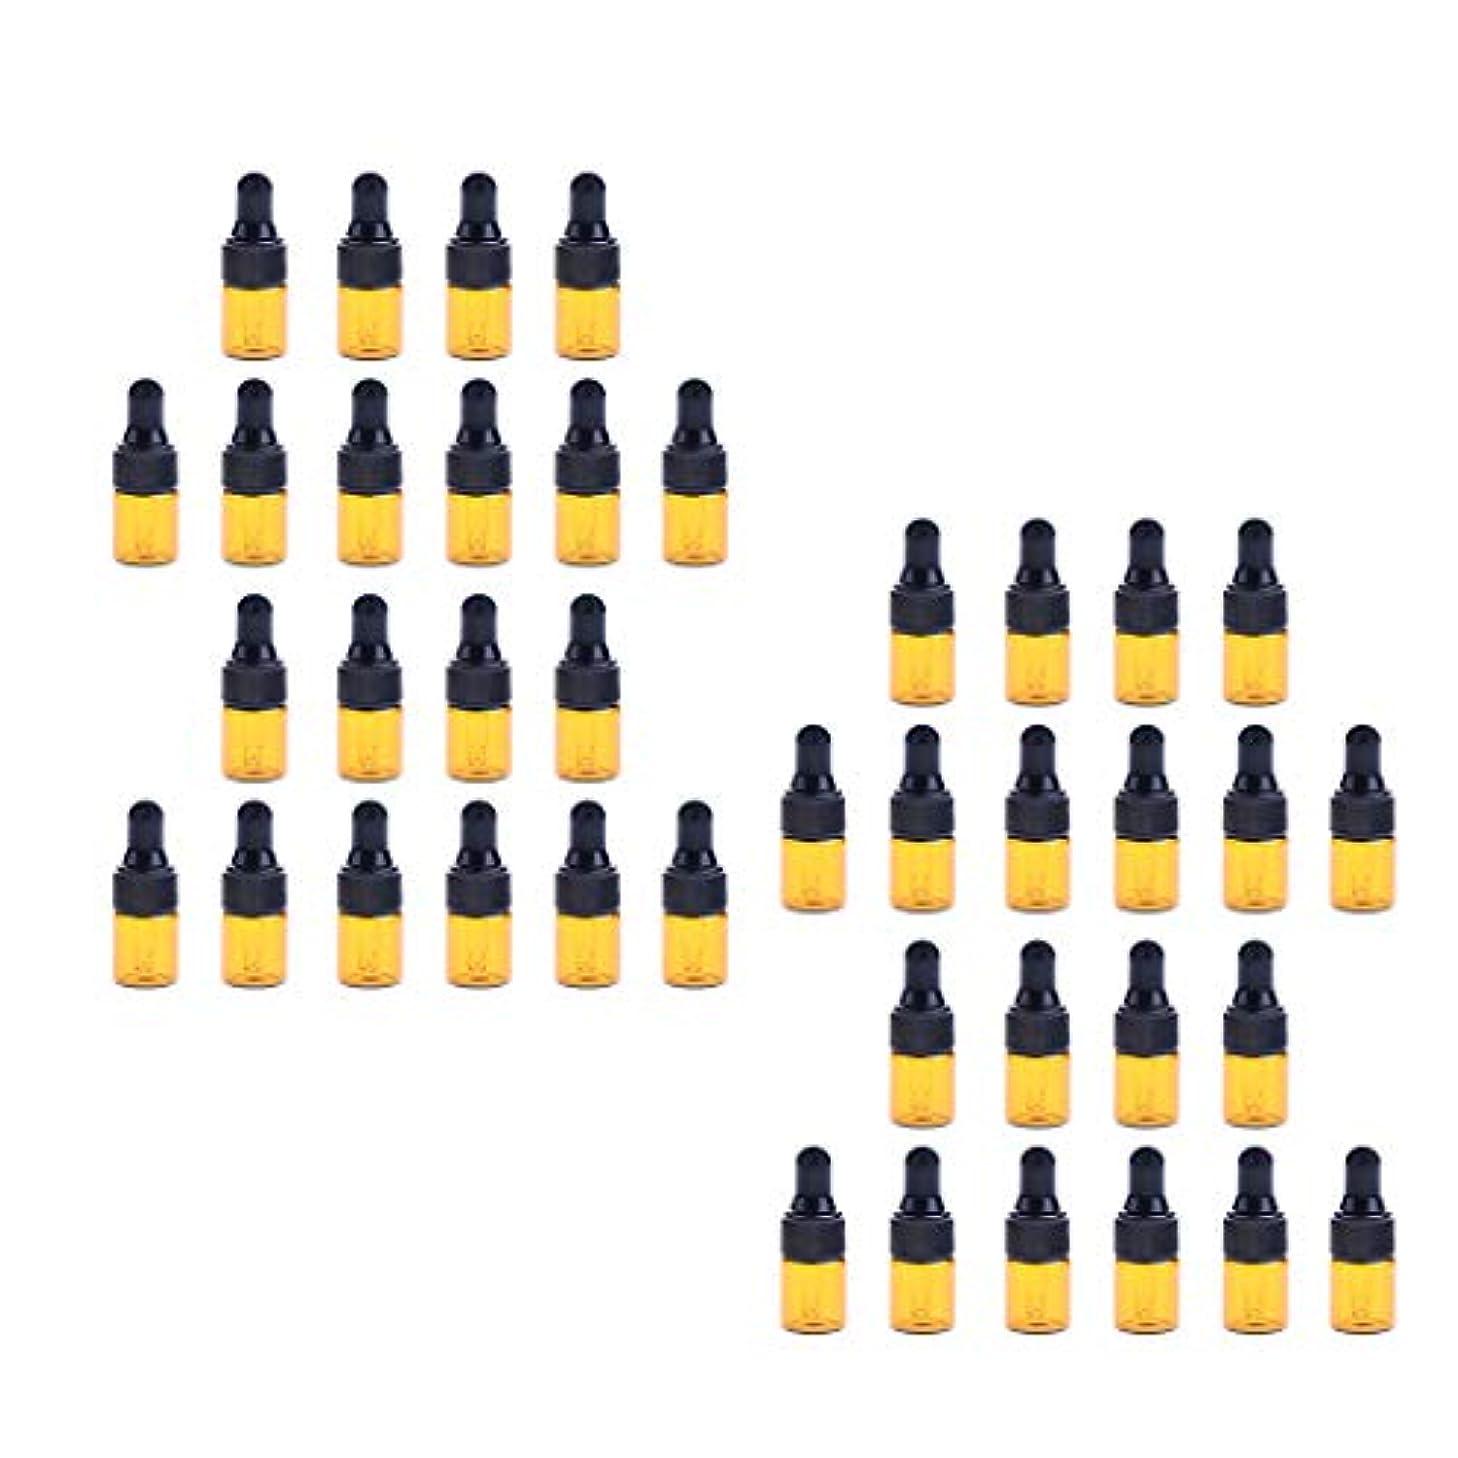 厳道に迷いました恐怖症chiwanji 40個入 ドロッパーボトル ガラス瓶 エッセンシャルオイル 精油 保存容器 詰め替え 小型 1ml /2ml